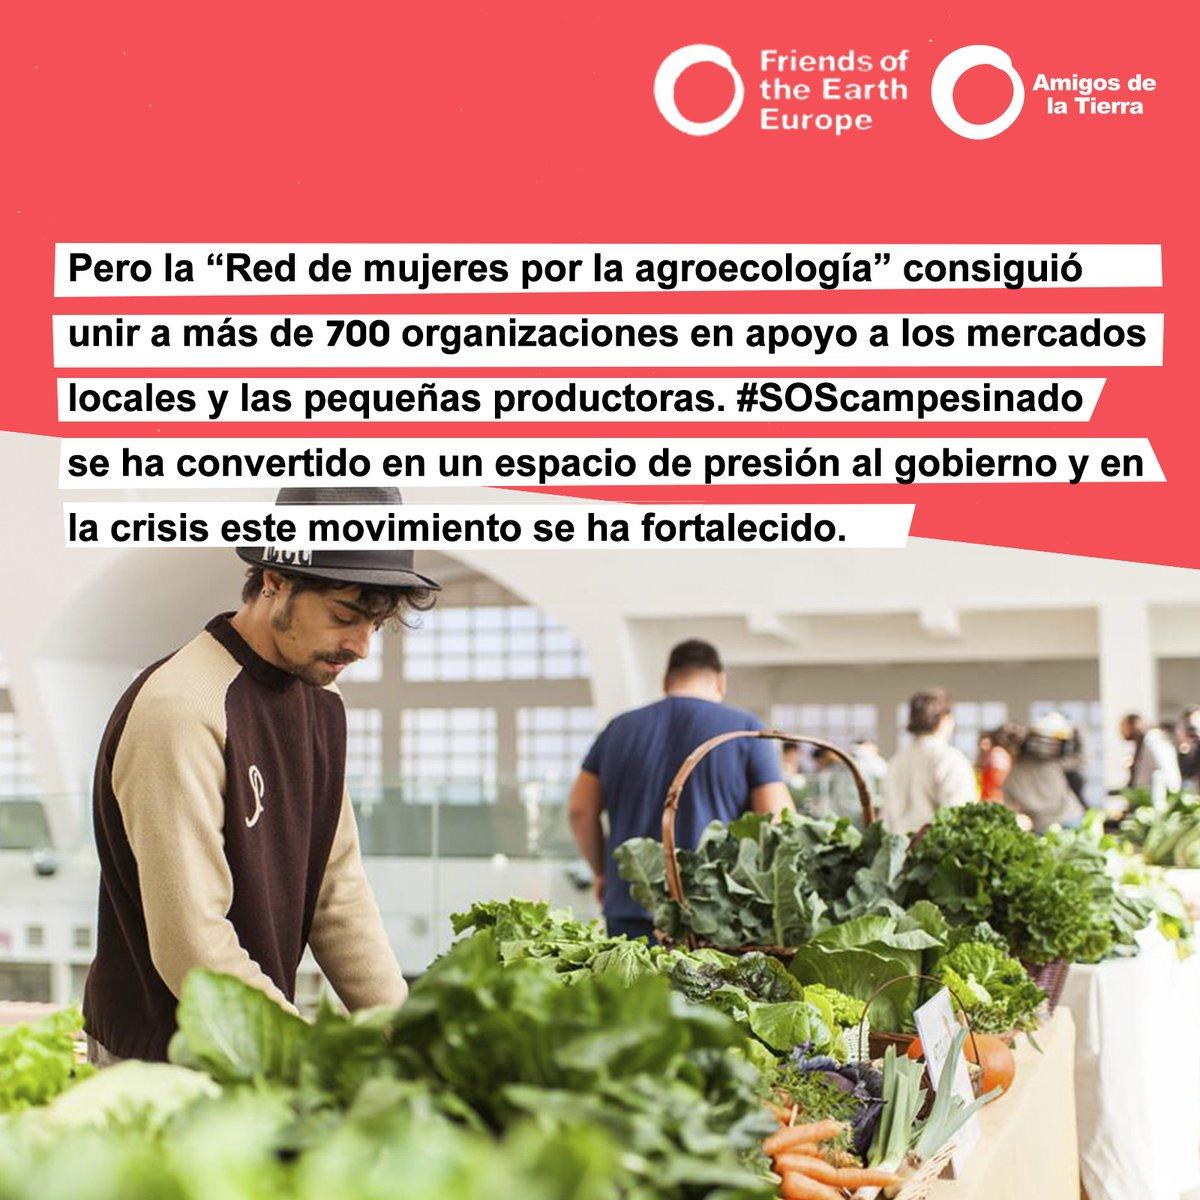 La crisis del Covid-19 ha sido la oportunidad para seguir construyendo movimiento y visibilizar el derecho por una alimentación agroecológica. #COVIDSolidarity #COVIDSolidaridad #SOScampesinado #PeoplePower @foeeurope https://t.co/lxr8B57YFY